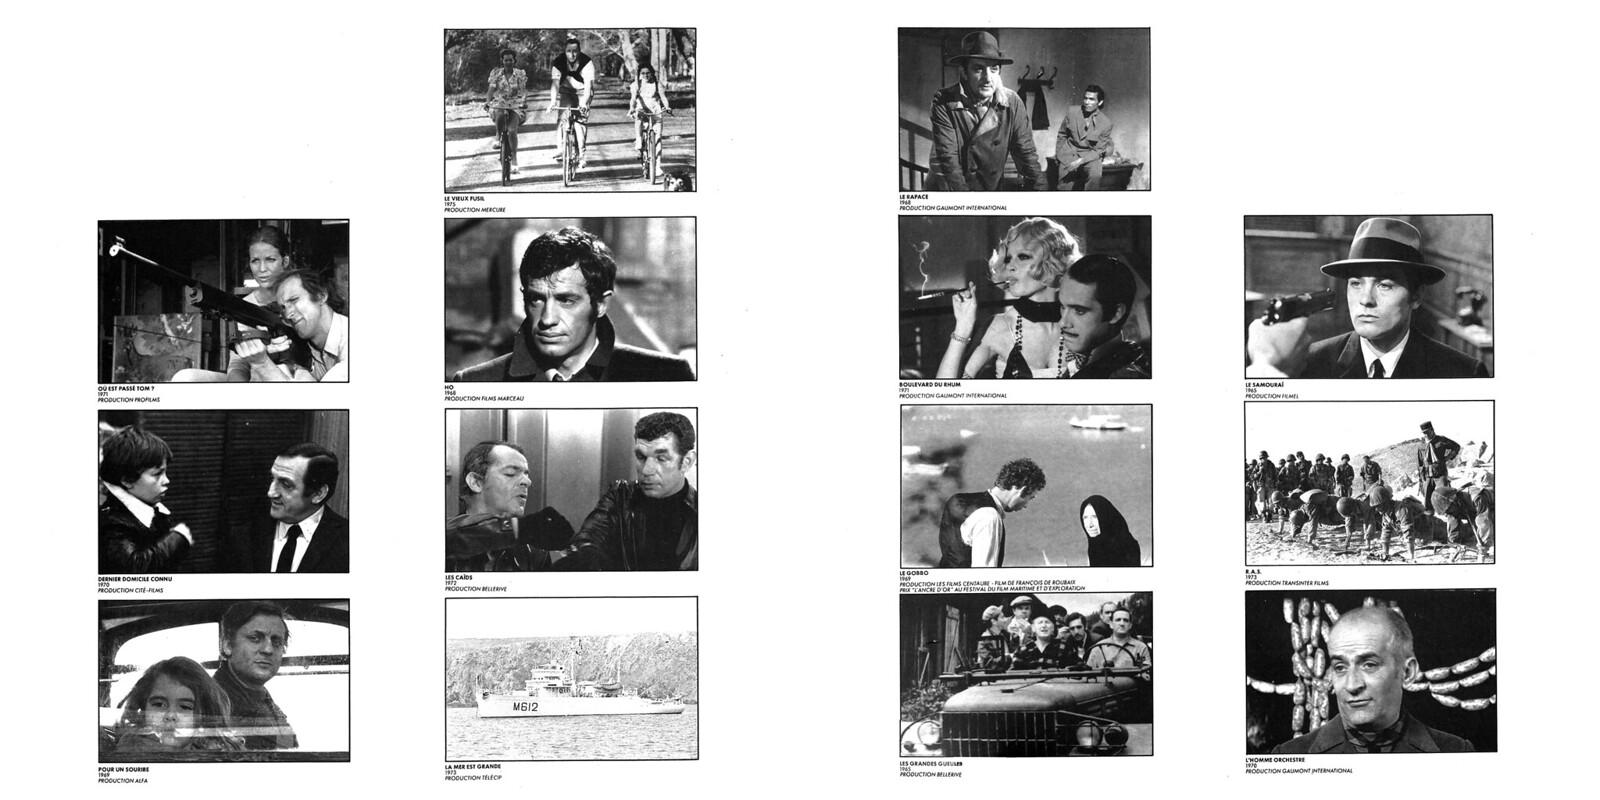 François de Roubaix - Les plus belles musiques de films Vol 1